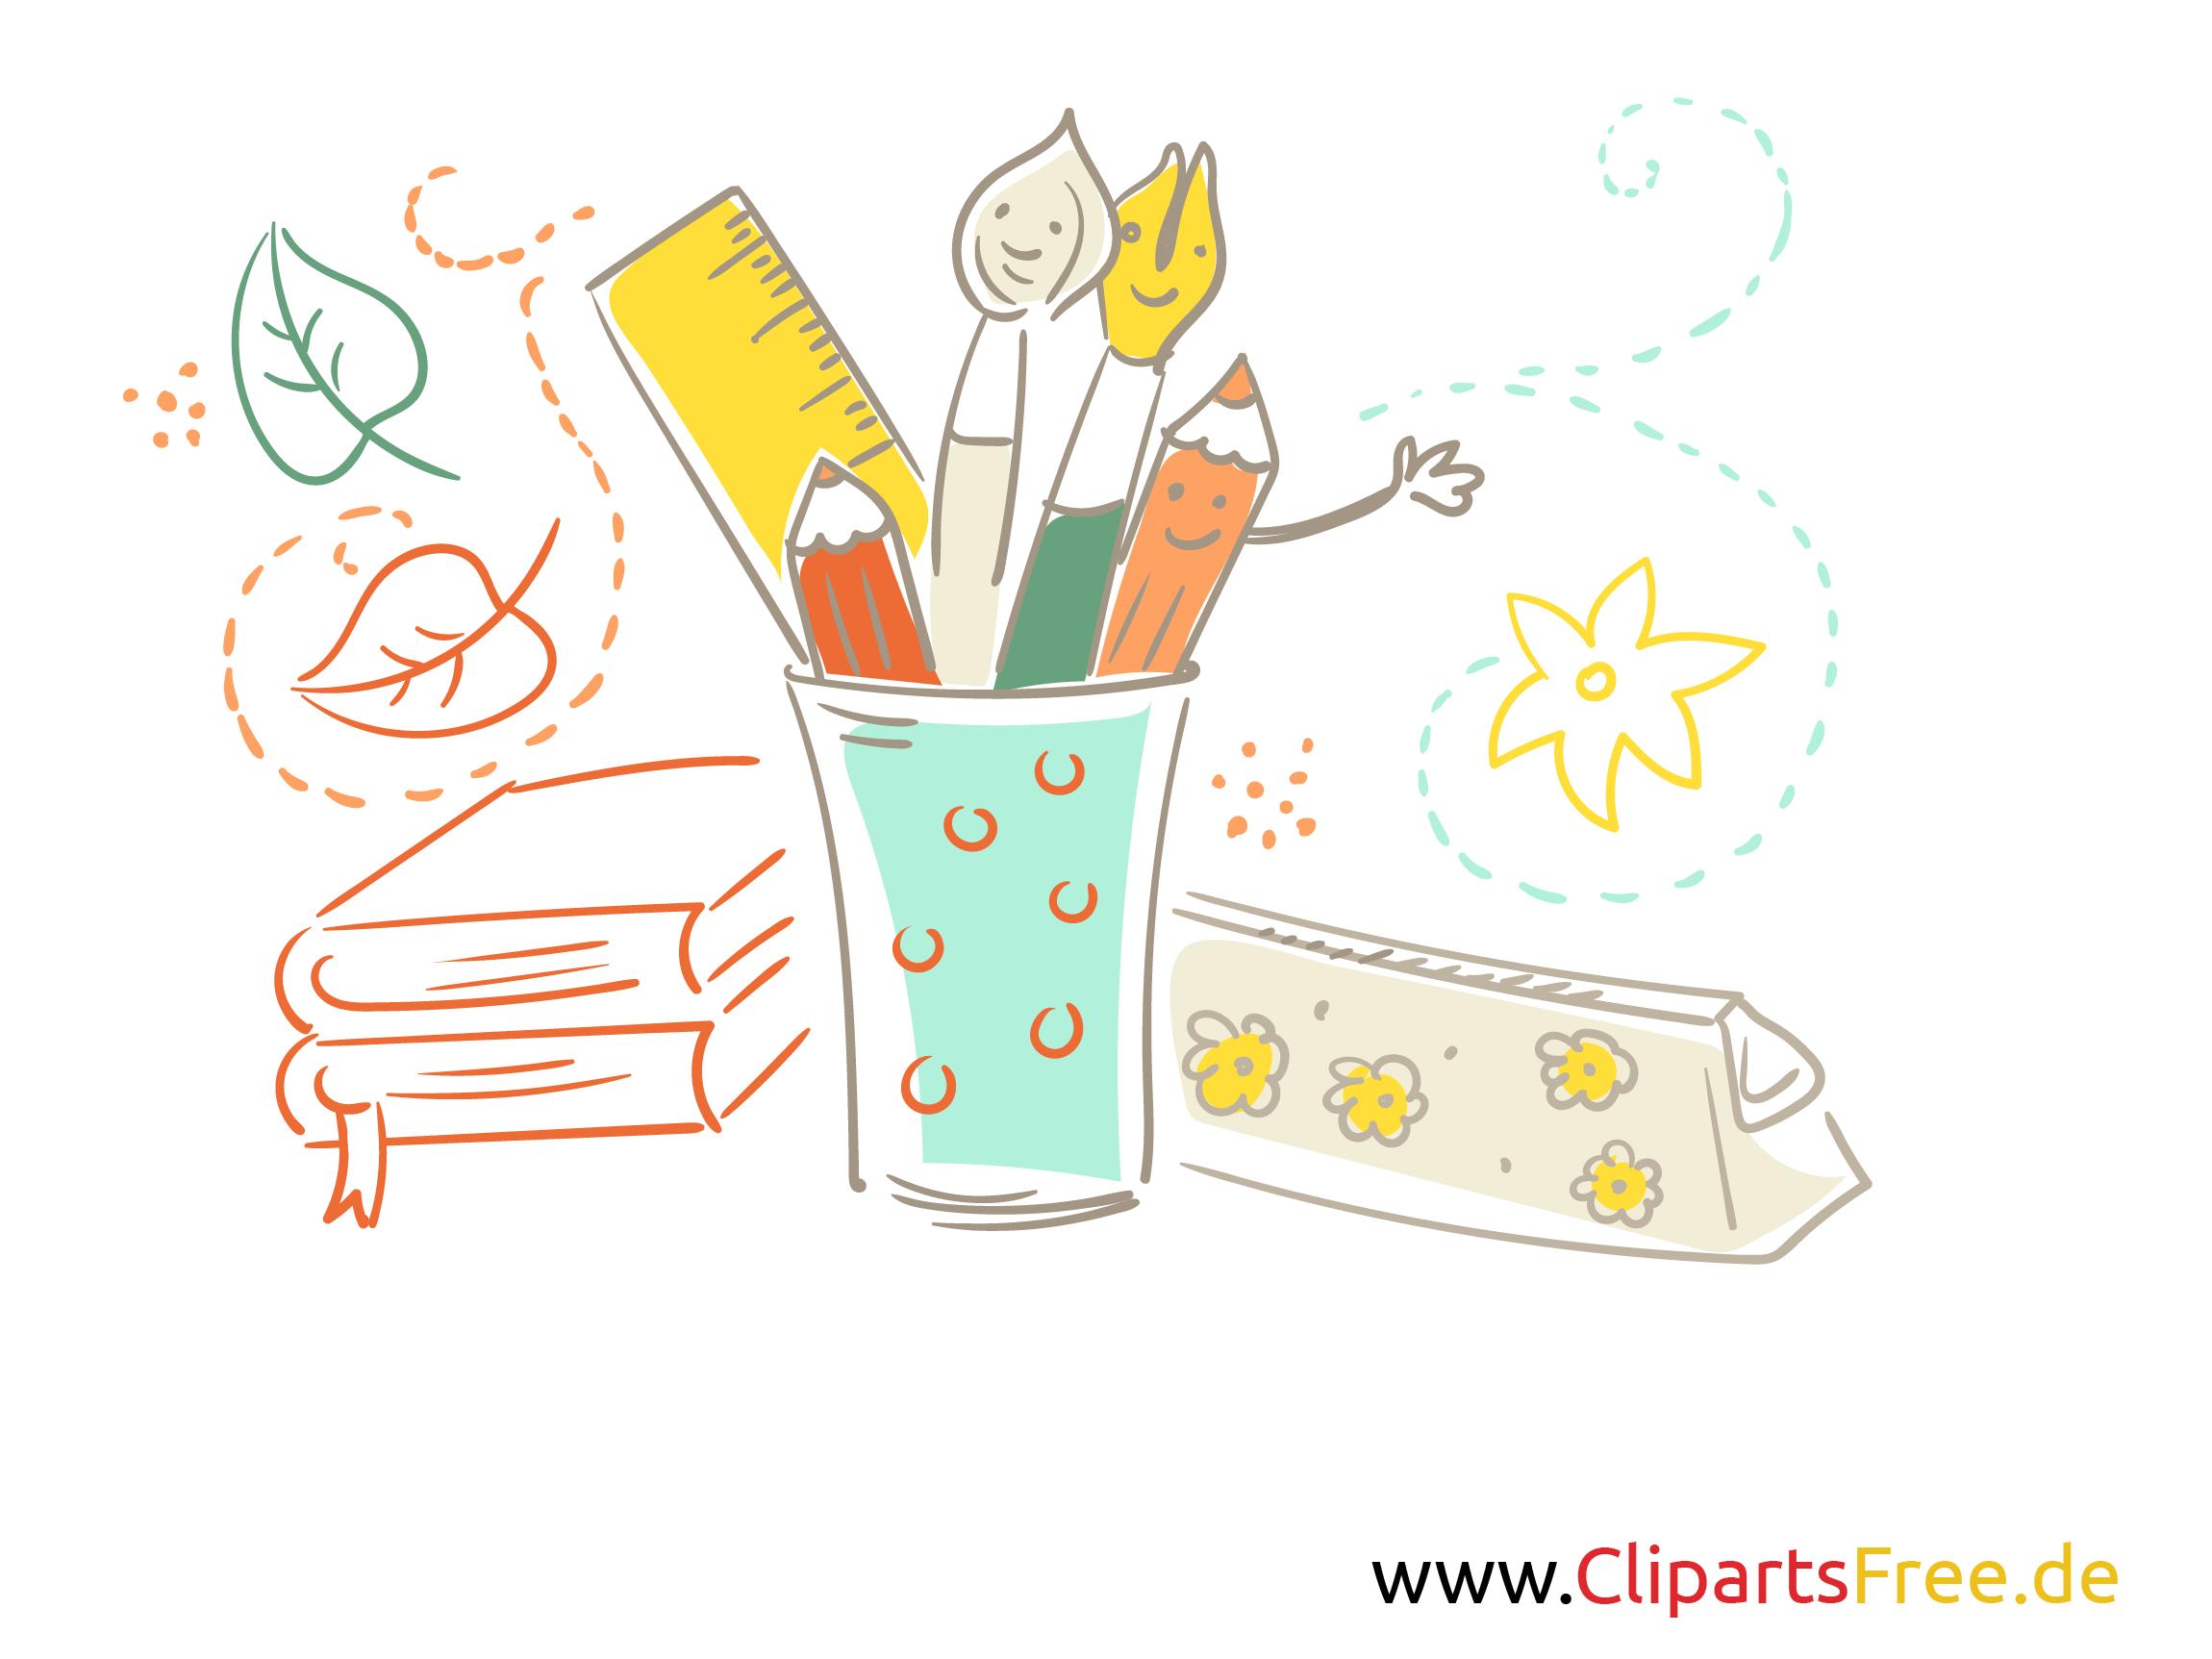 Schreibwaren Clipart und Illustrationen für Schule